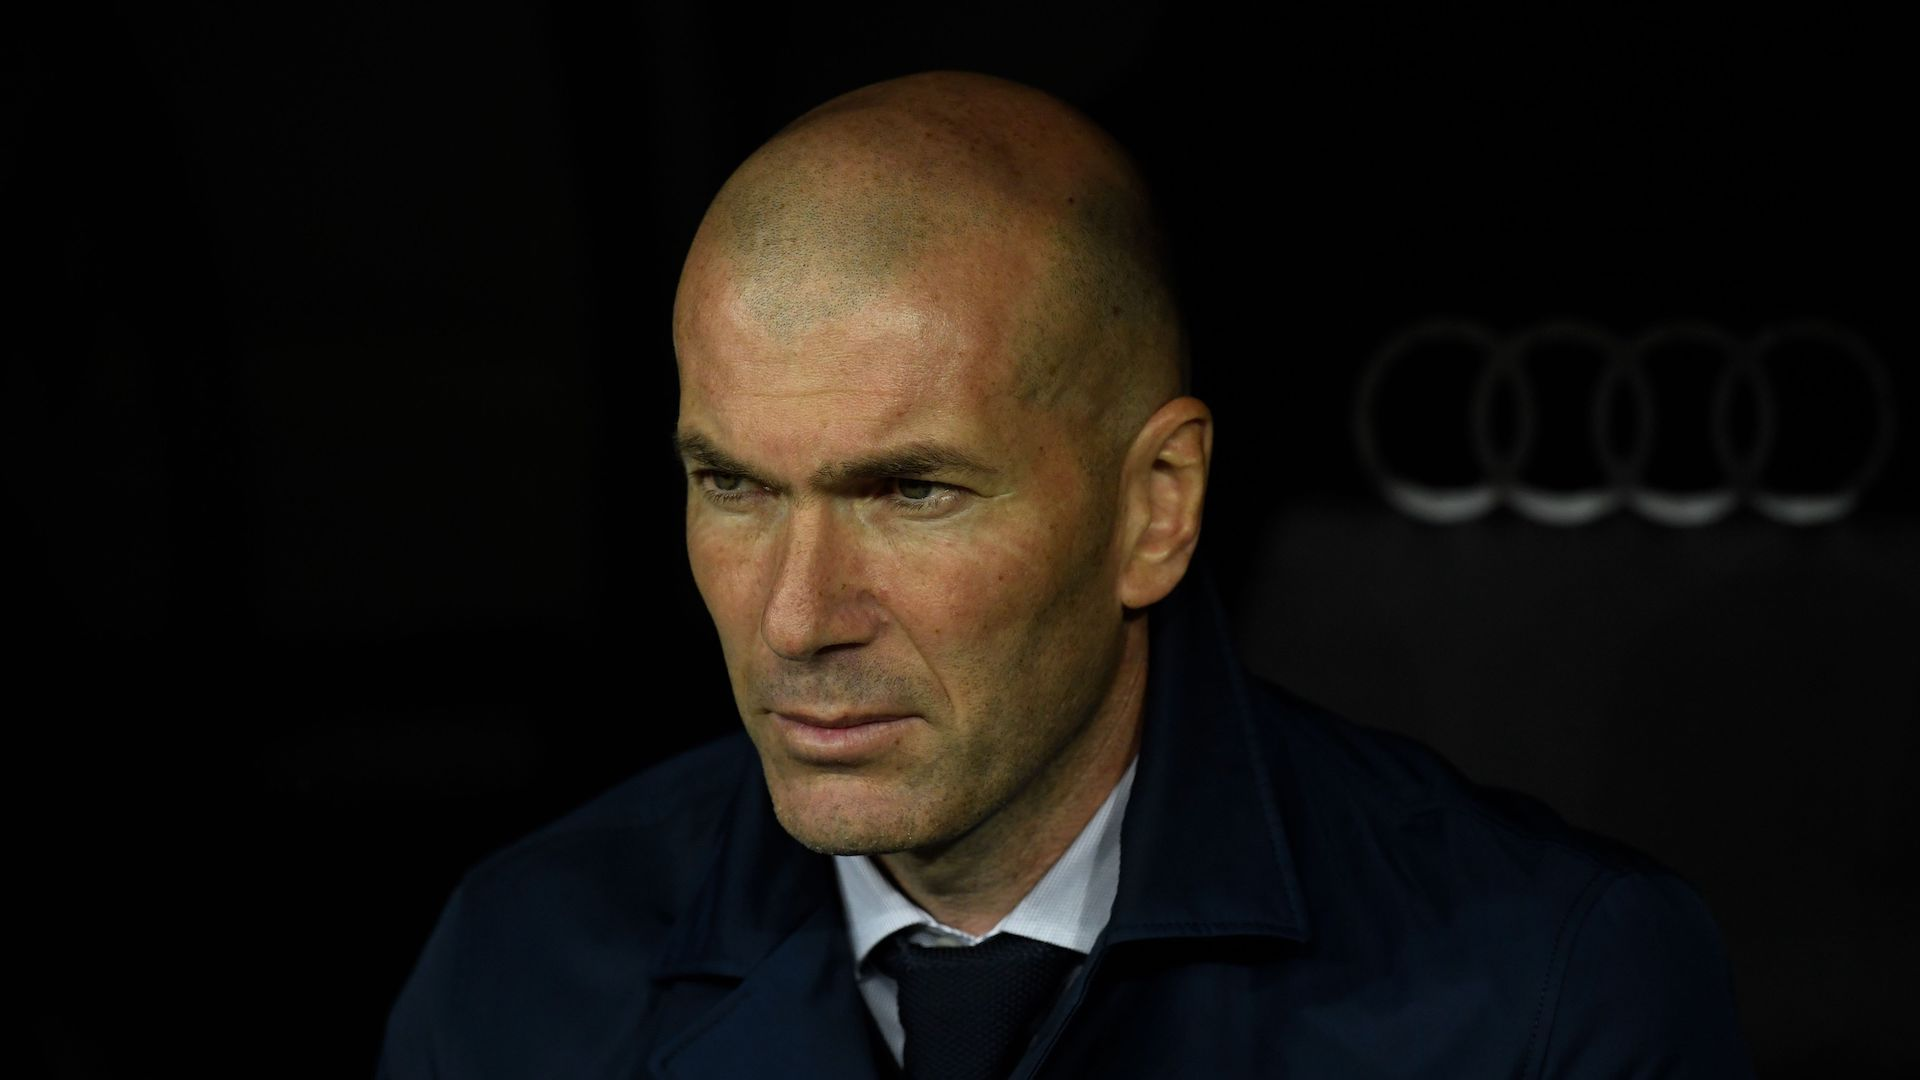 Le Real Madrid veut garder Zidane quoi qu'il arrive